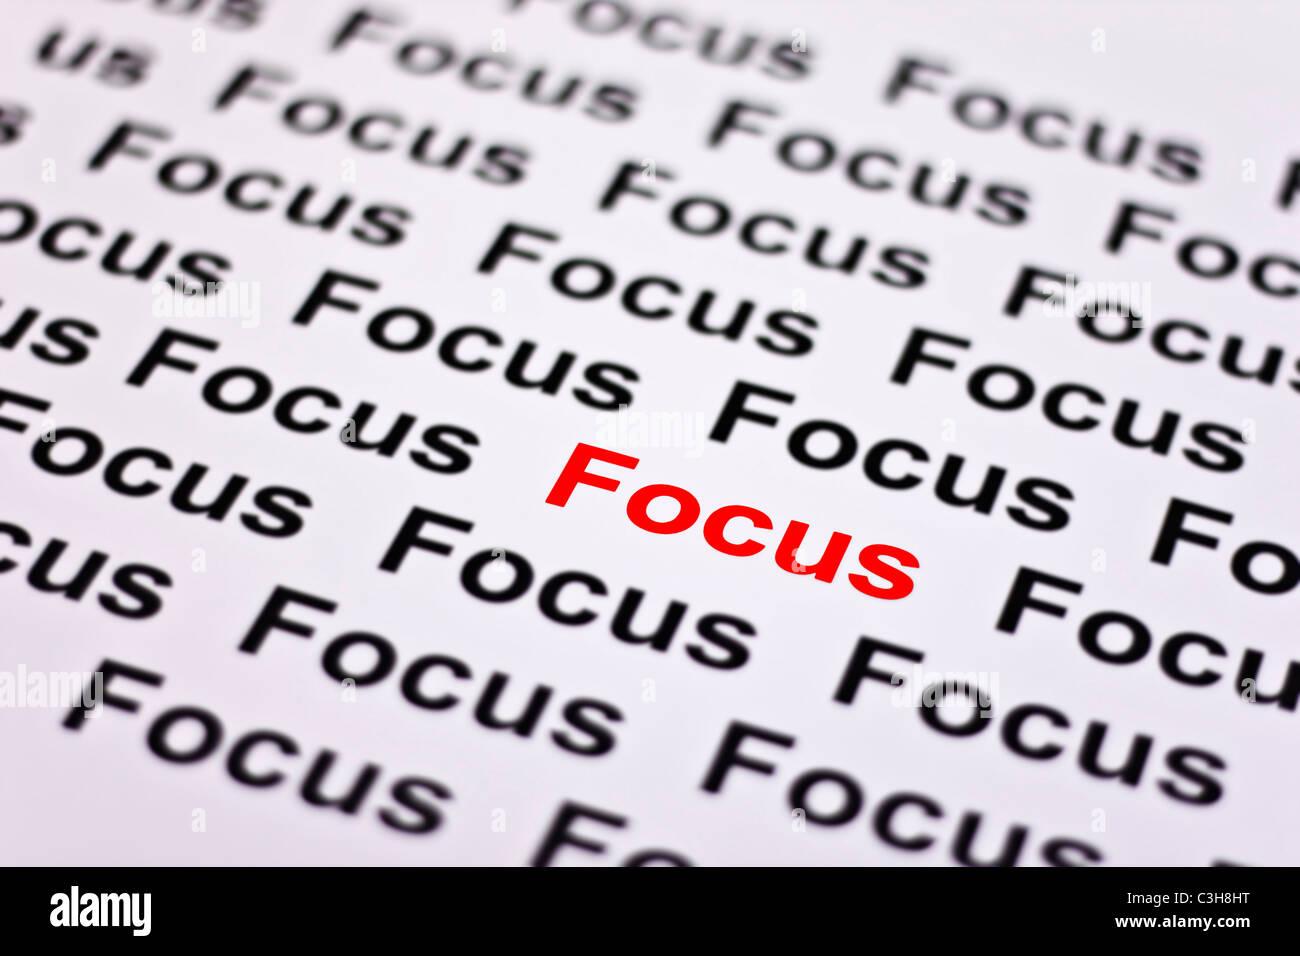 Incentrato su focus evidenziata in rosso Immagini Stock